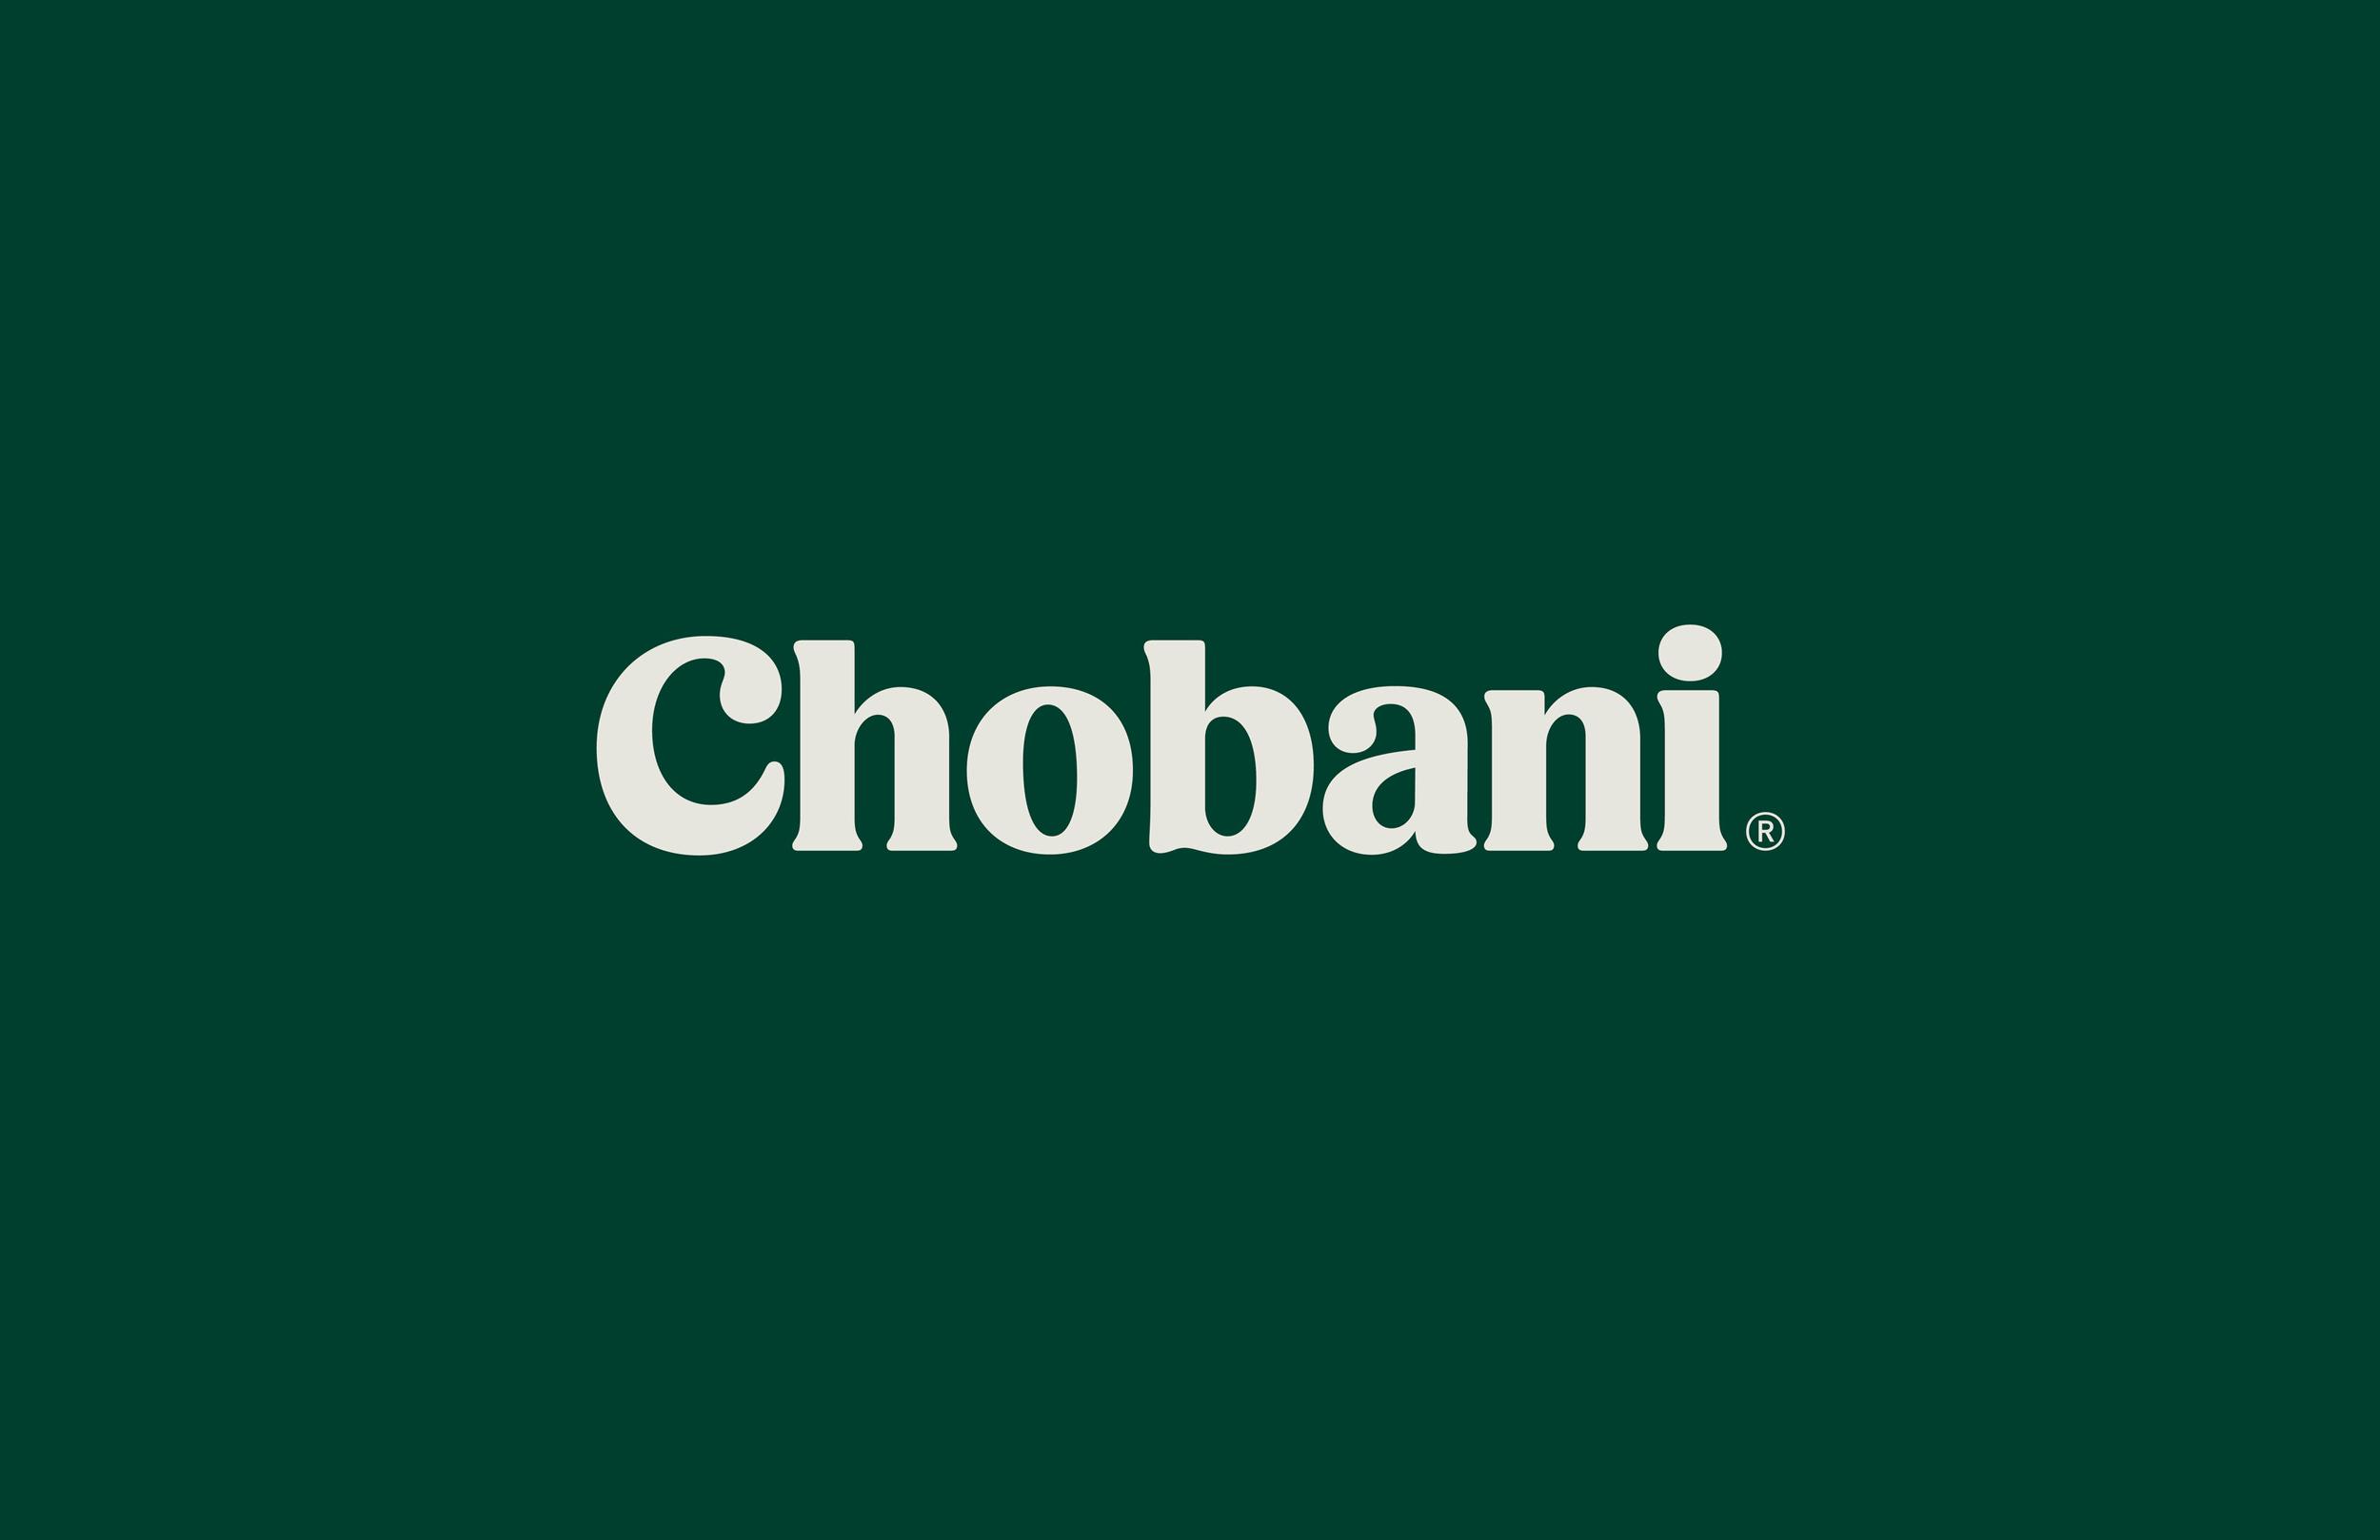 Chobani_Wordmark.jpg